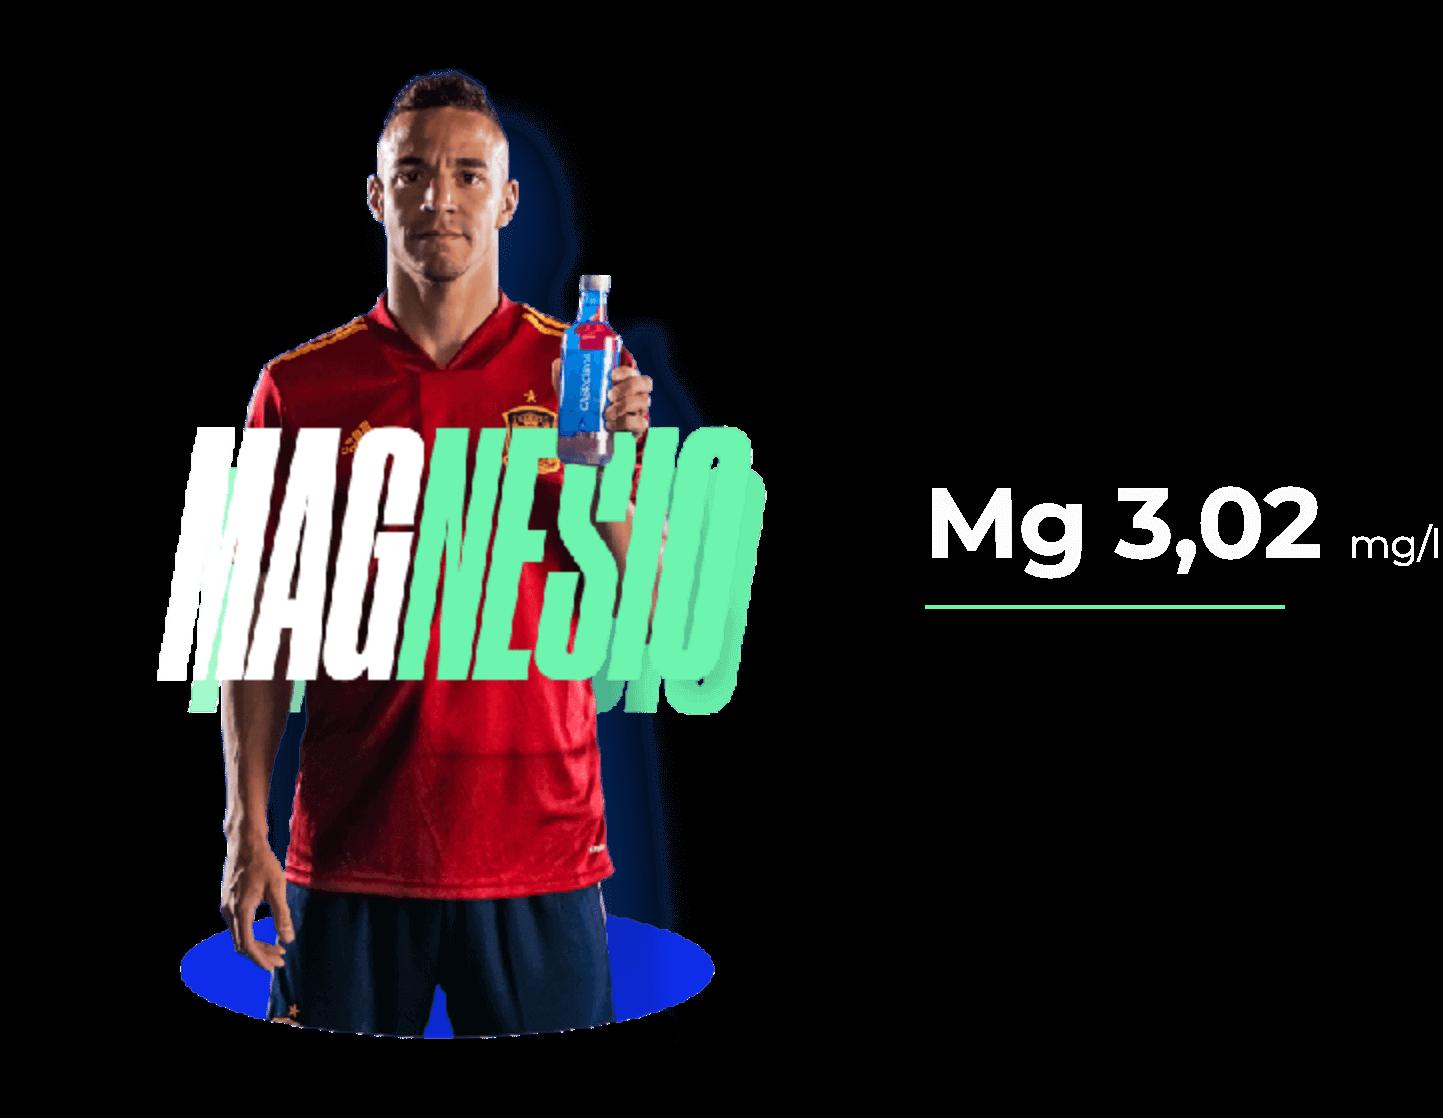 Magnesio Mg 3,04 mg/l mg/l